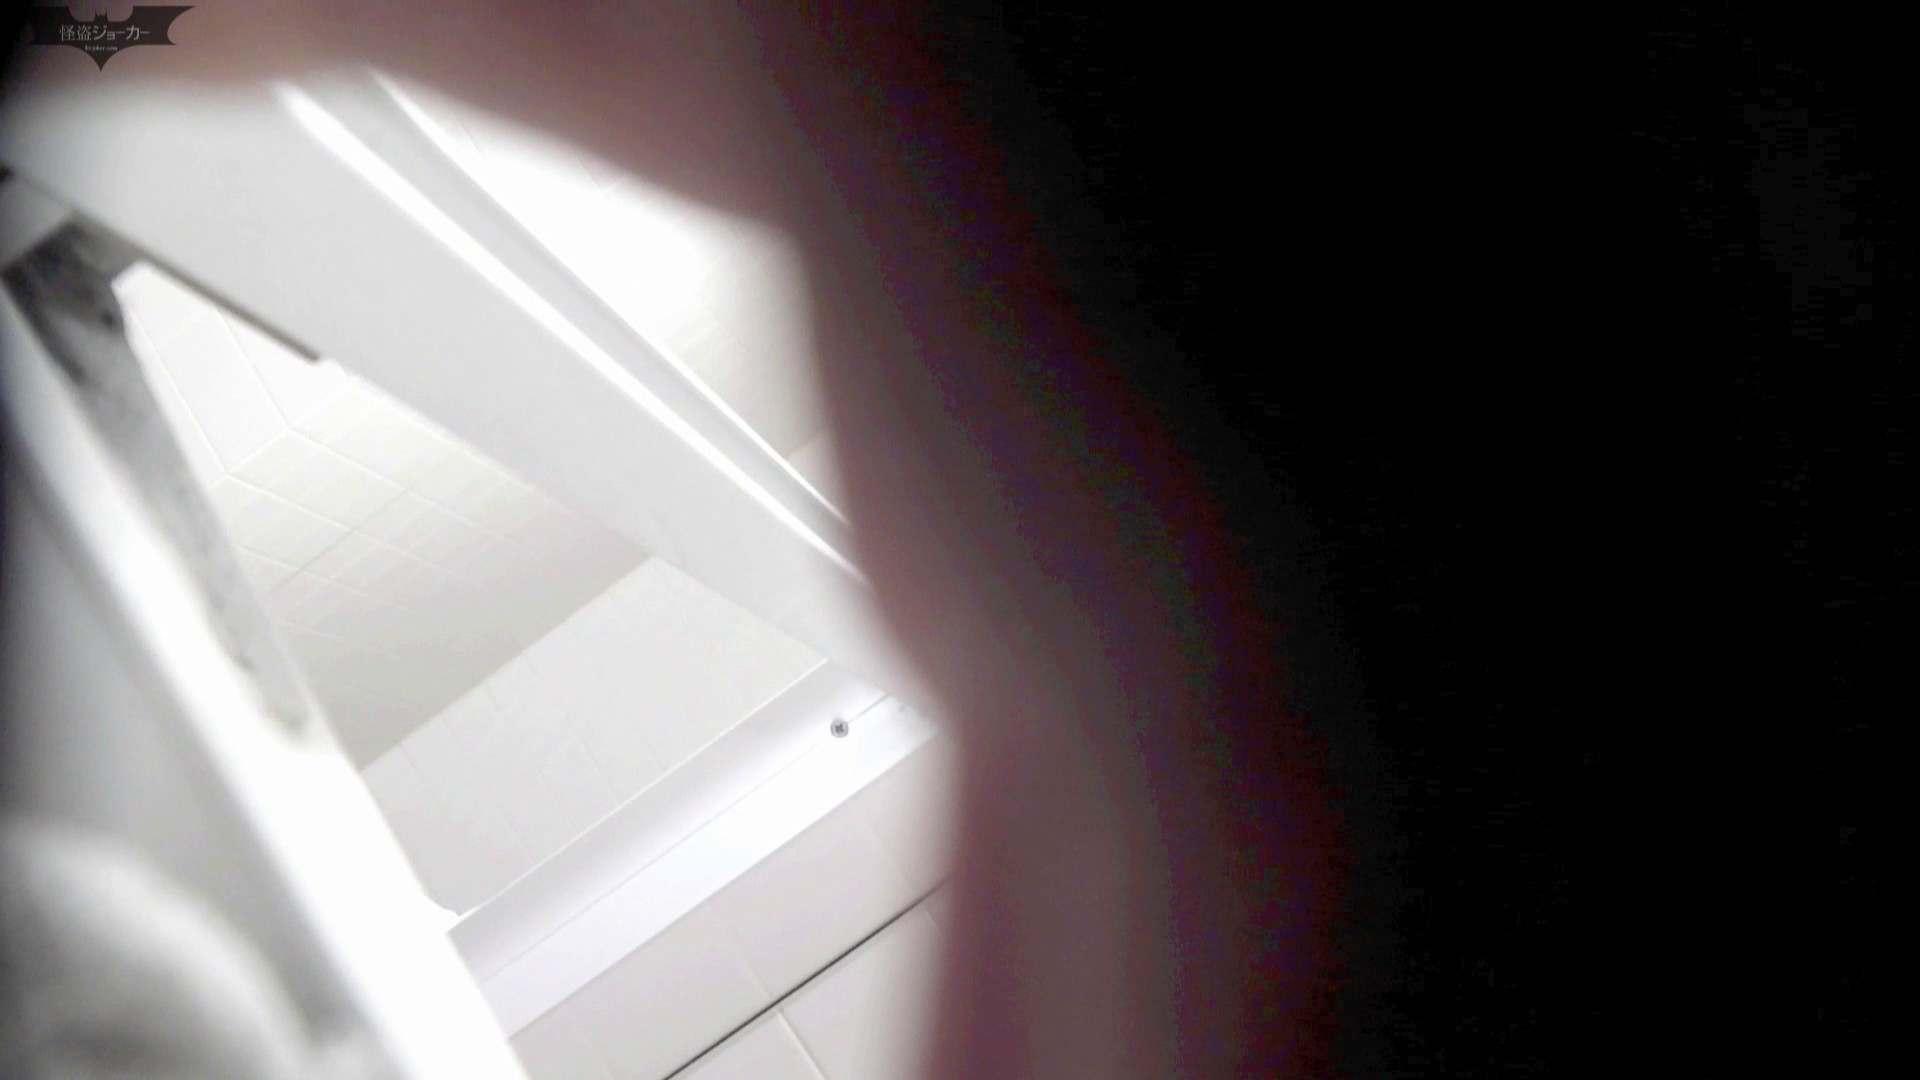 お銀 vol.68 無謀に通路に飛び出て一番明るいフロント撮り実現、見所満載 OLのボディ | 洗面所  70PIX 10